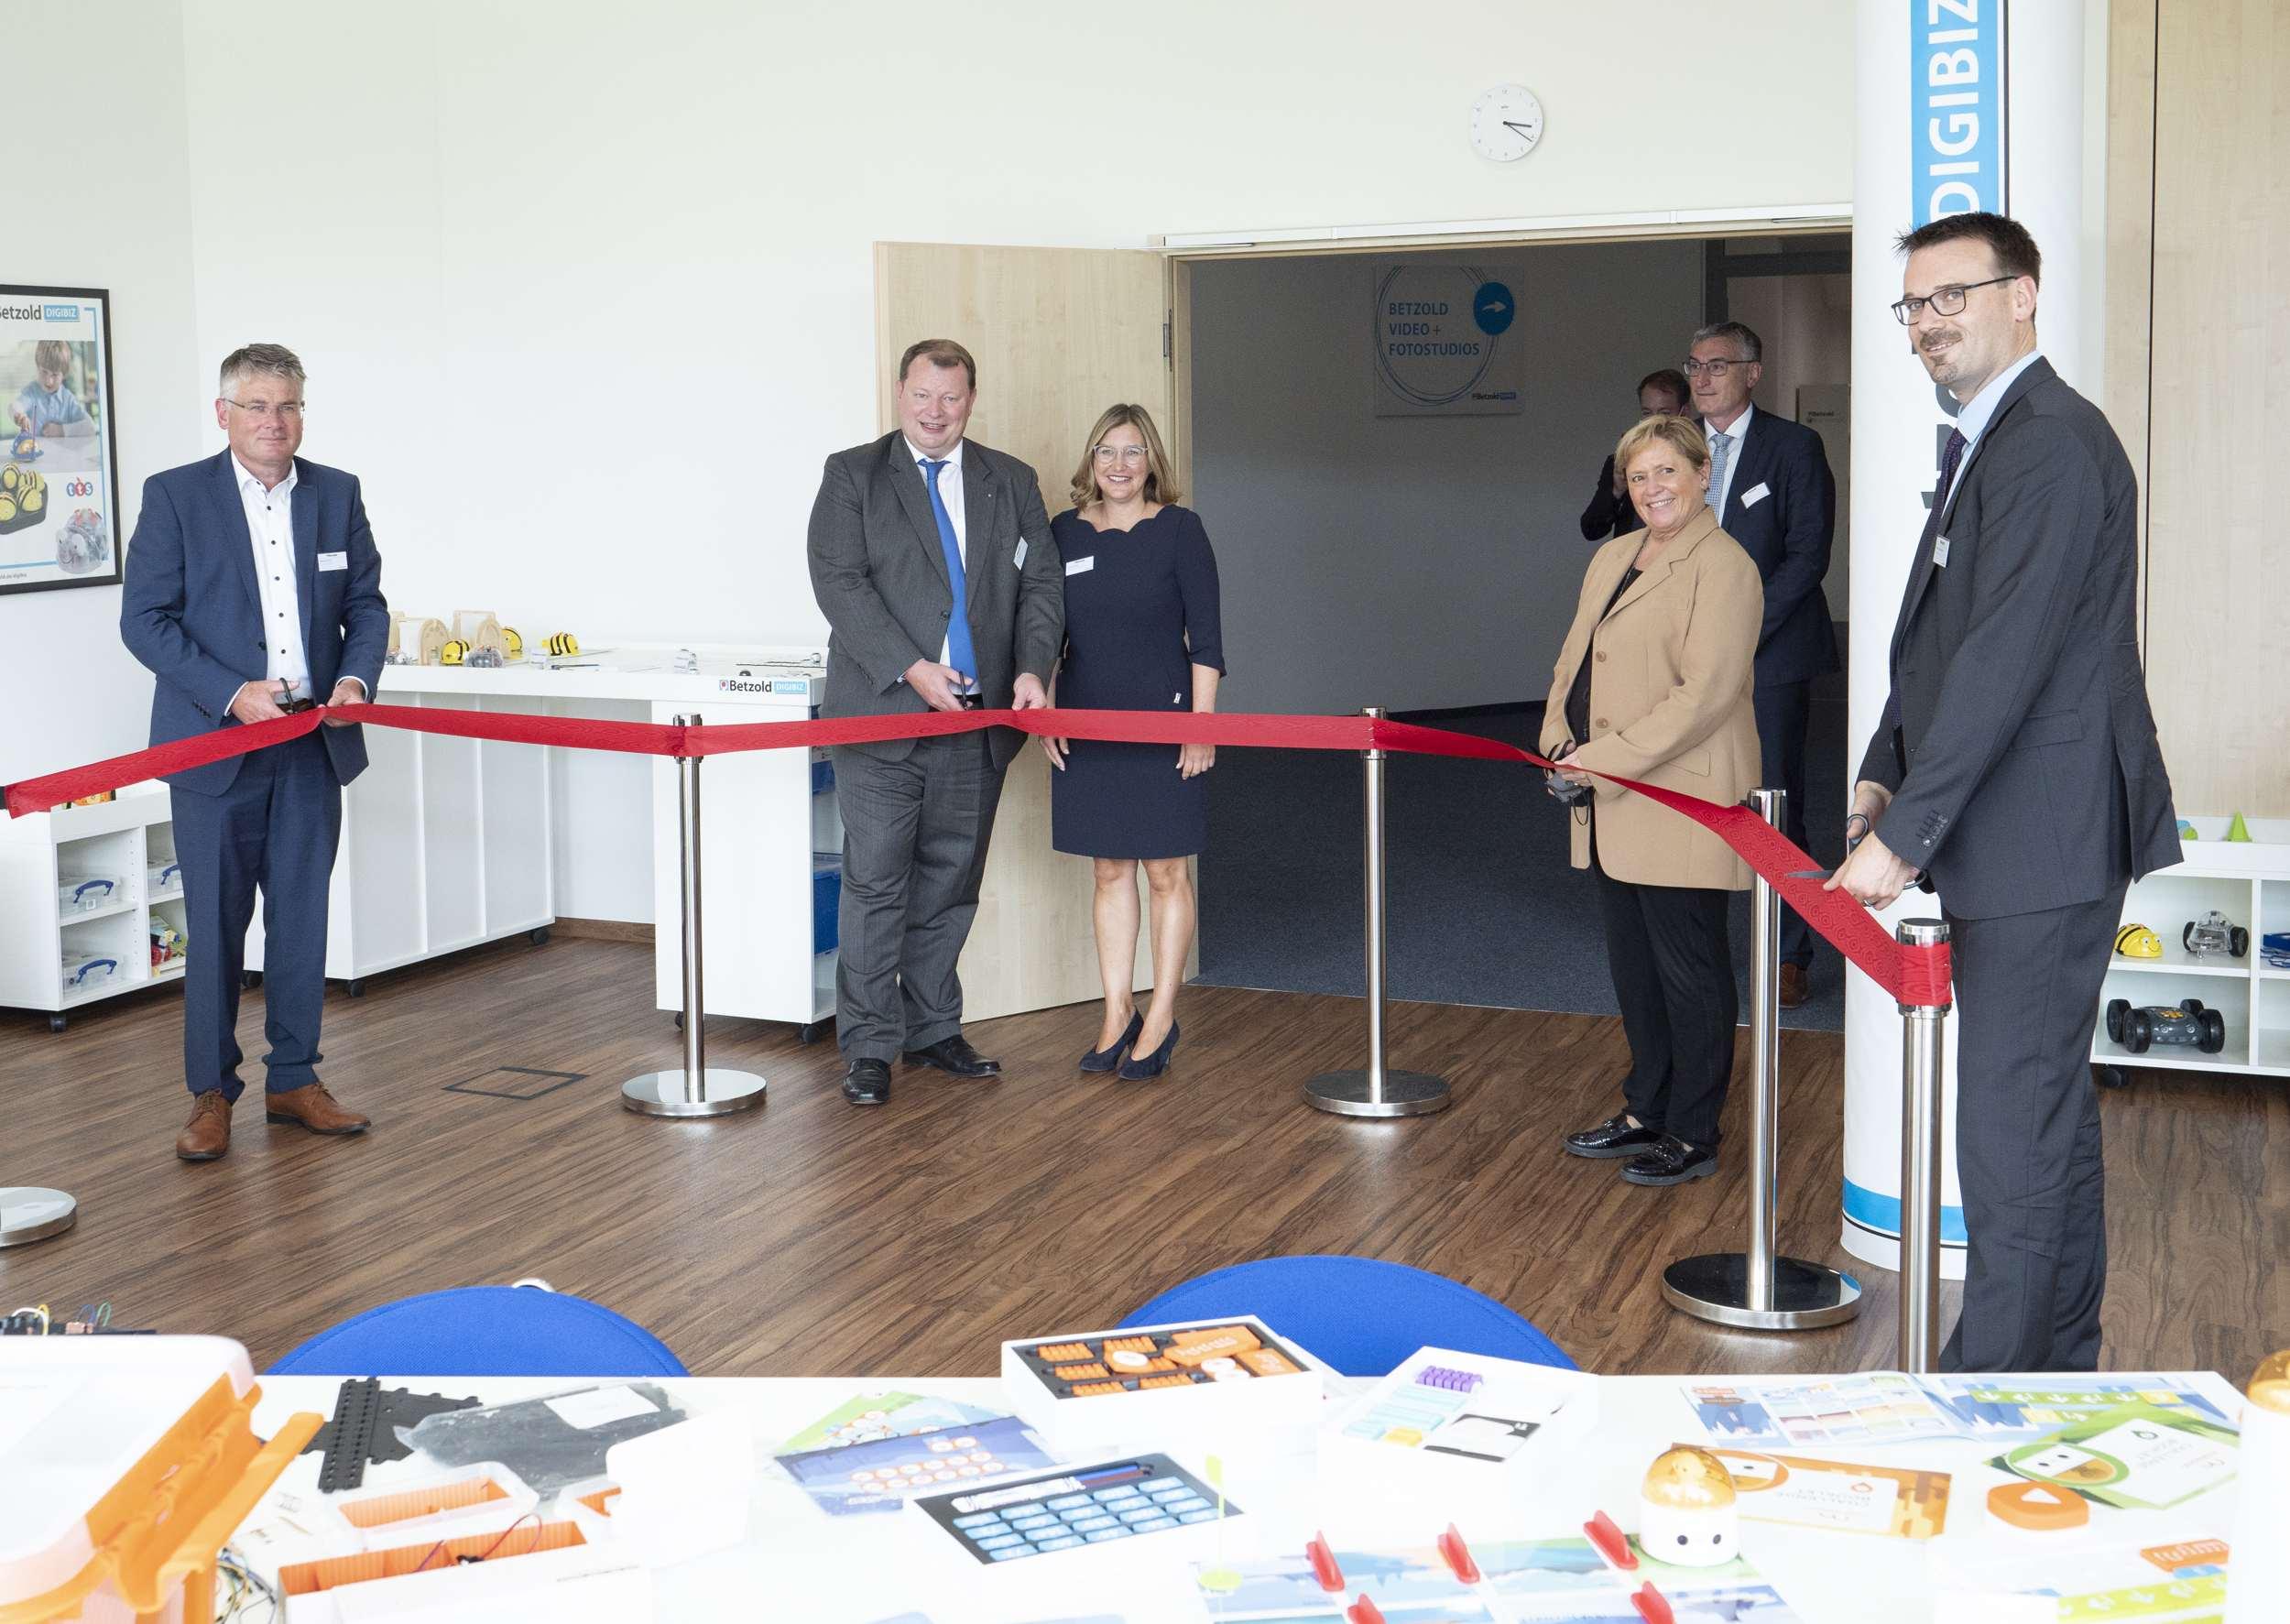 Familie Betzold mit Gästen bei der Eröffnung der DIGIBIZ Einrichtung in Ellwangen